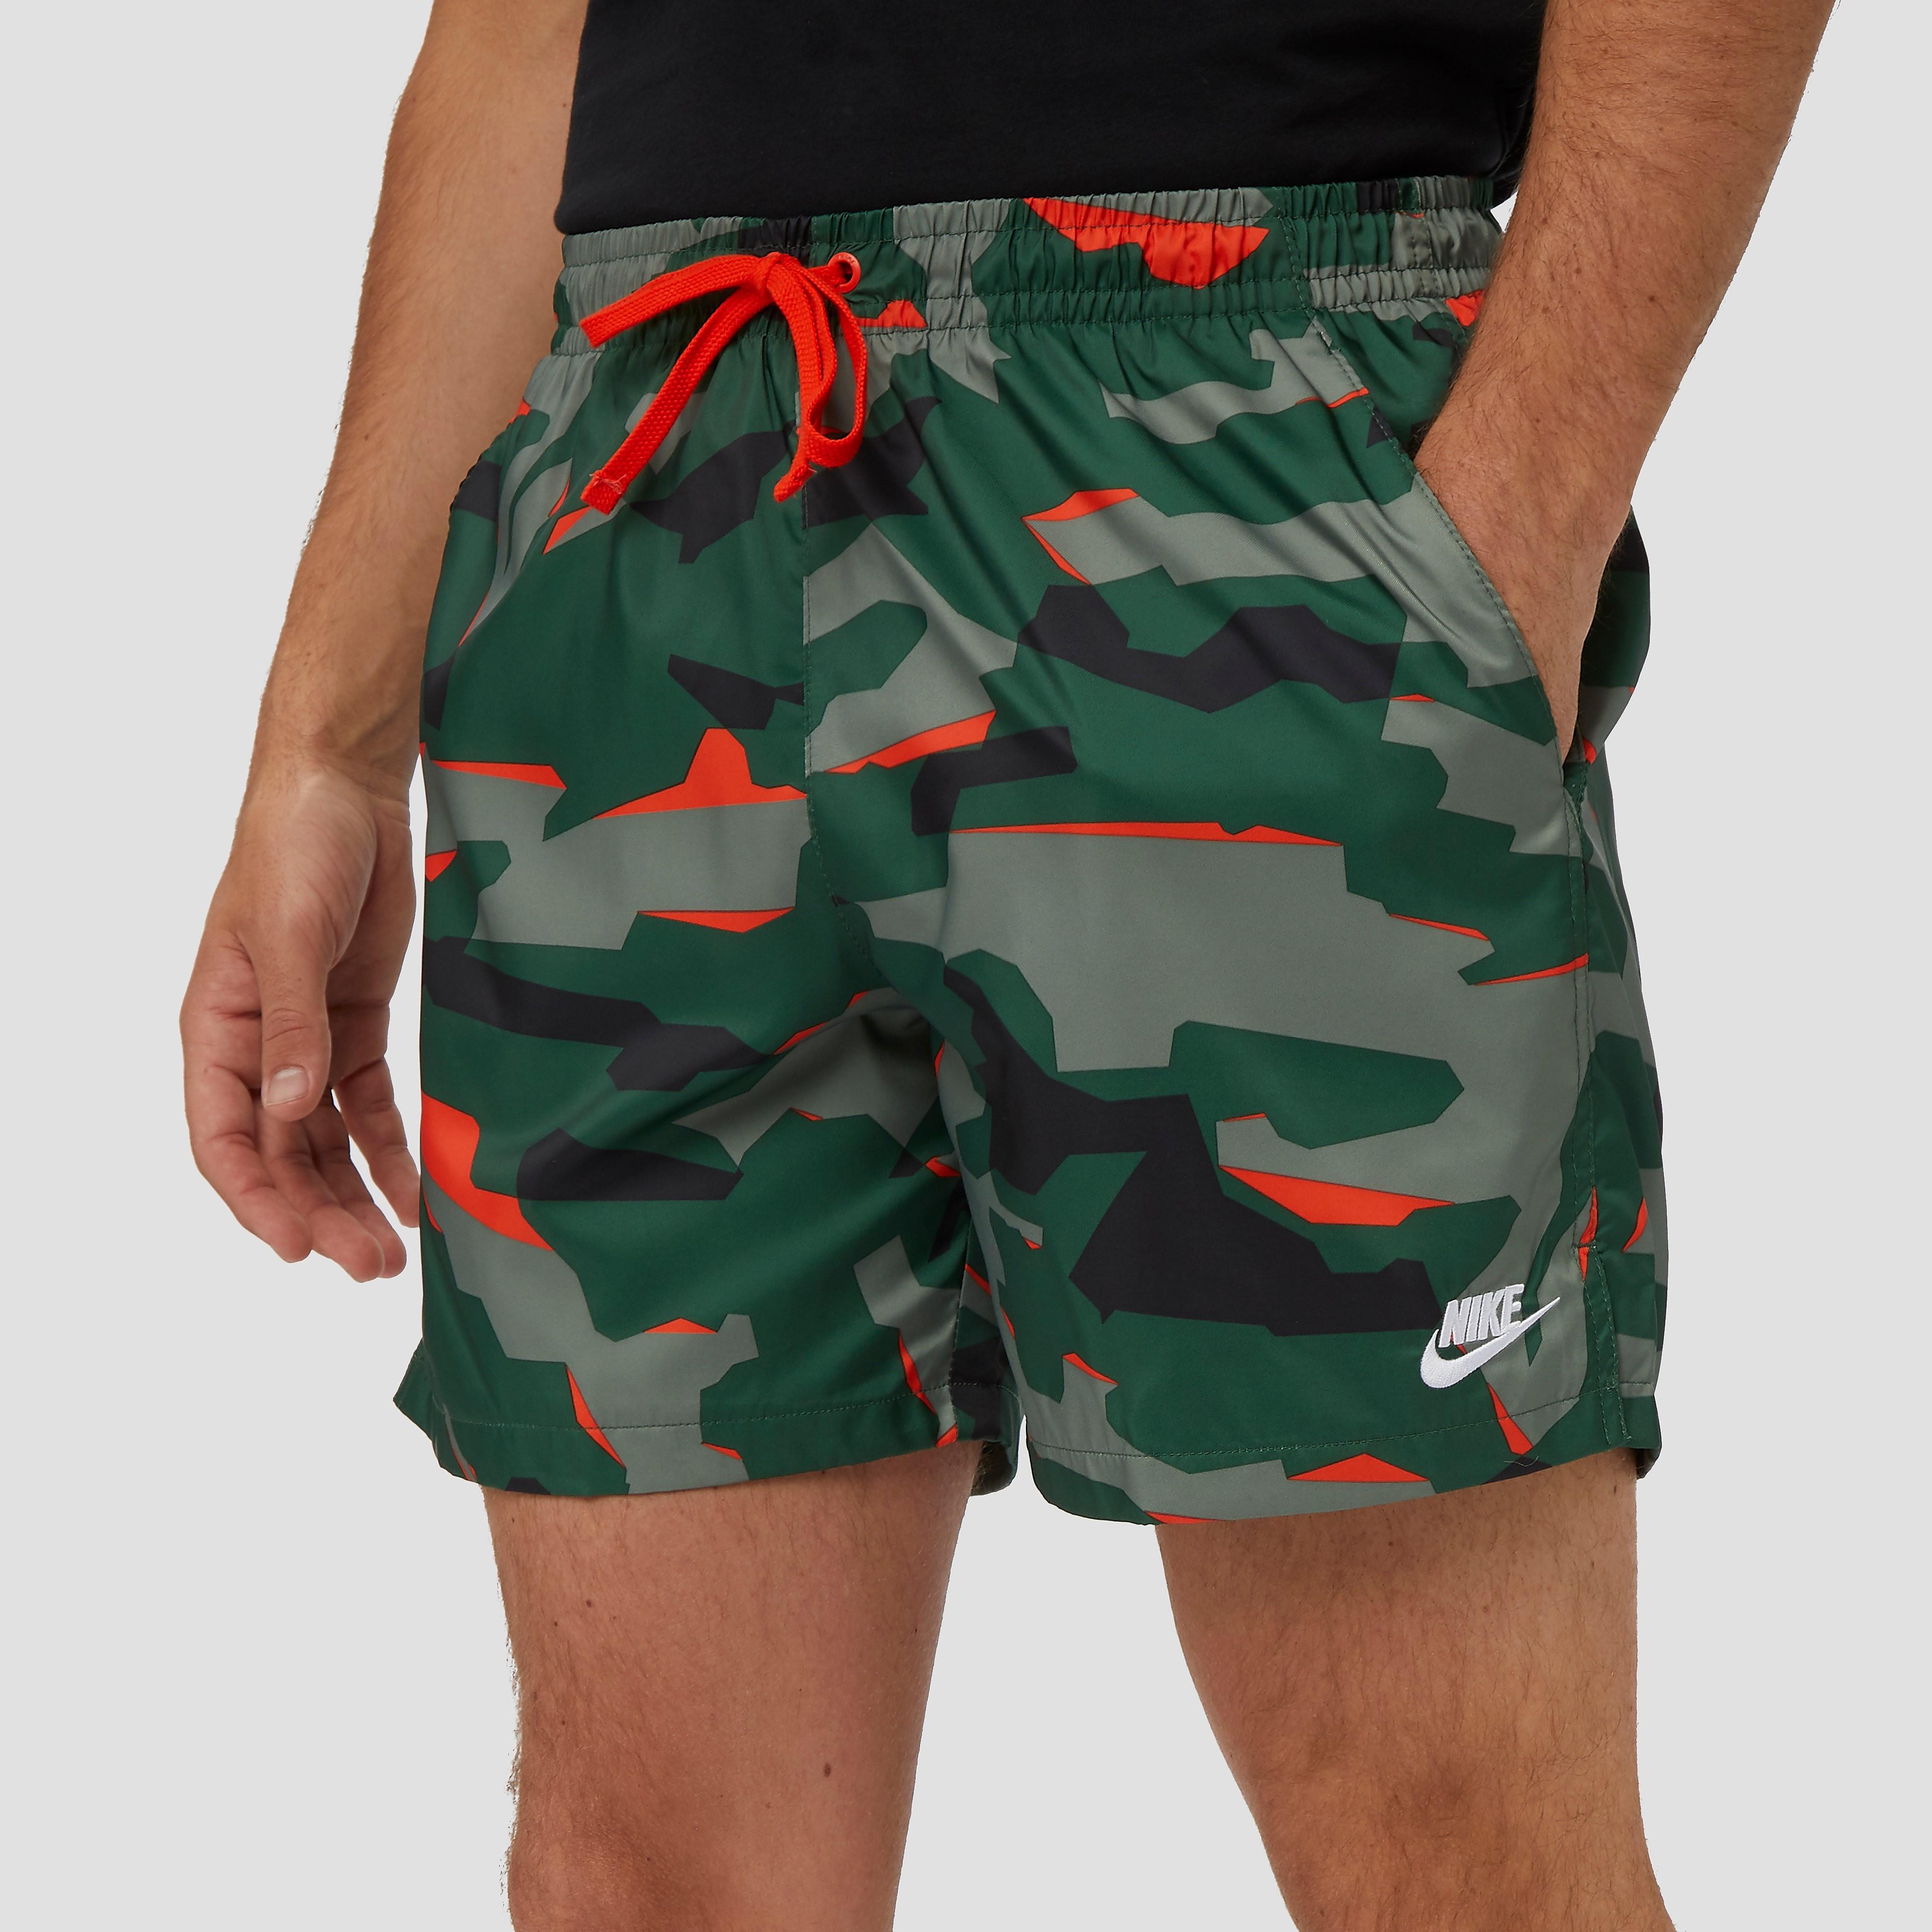 Heren Camouflage Korte Broek.Alle Bedrijven Online Heren Korte Broek Pagina 1